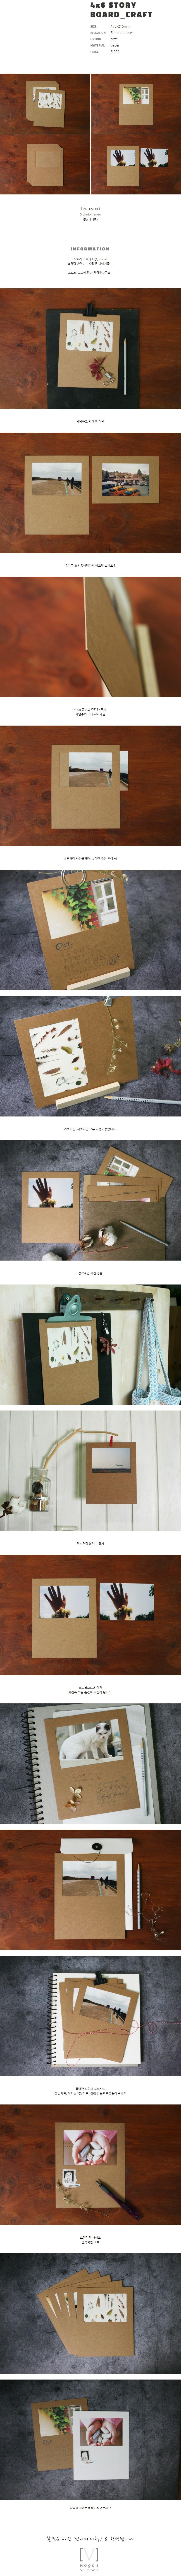 4X6 STORY BOARD_craft - 무즈앤뷰즈, 5,000원, 테마앨범/테마북, 포토박스/프레임